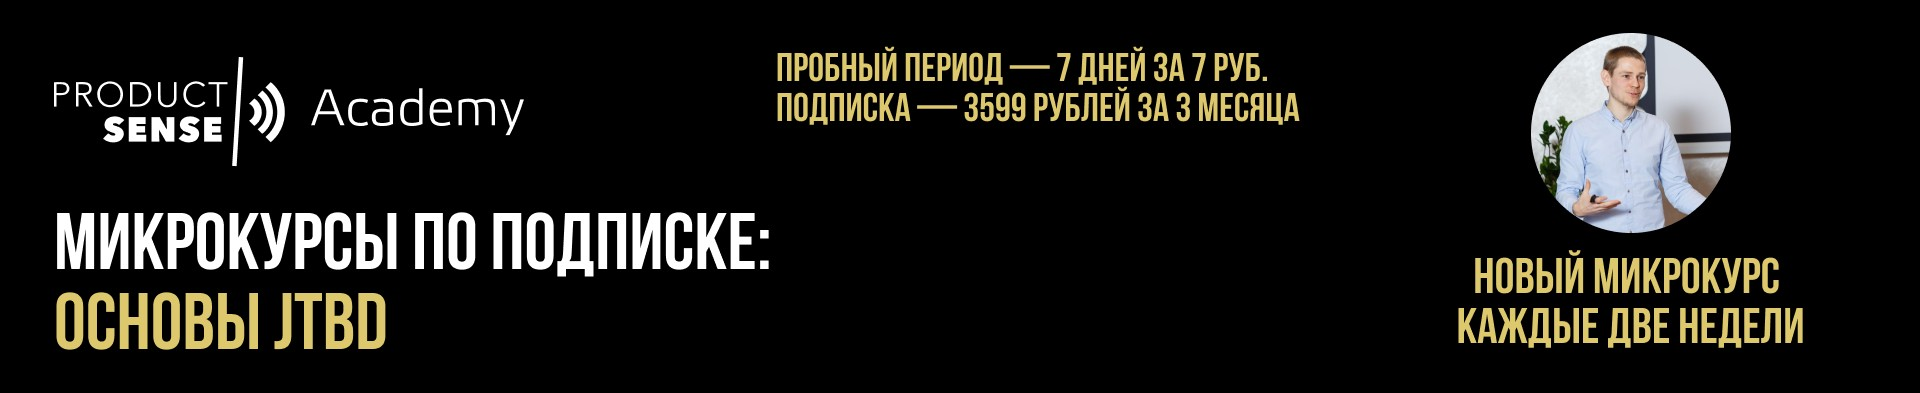 Микрокурс «Основы JTBD» — Никита Ефимов